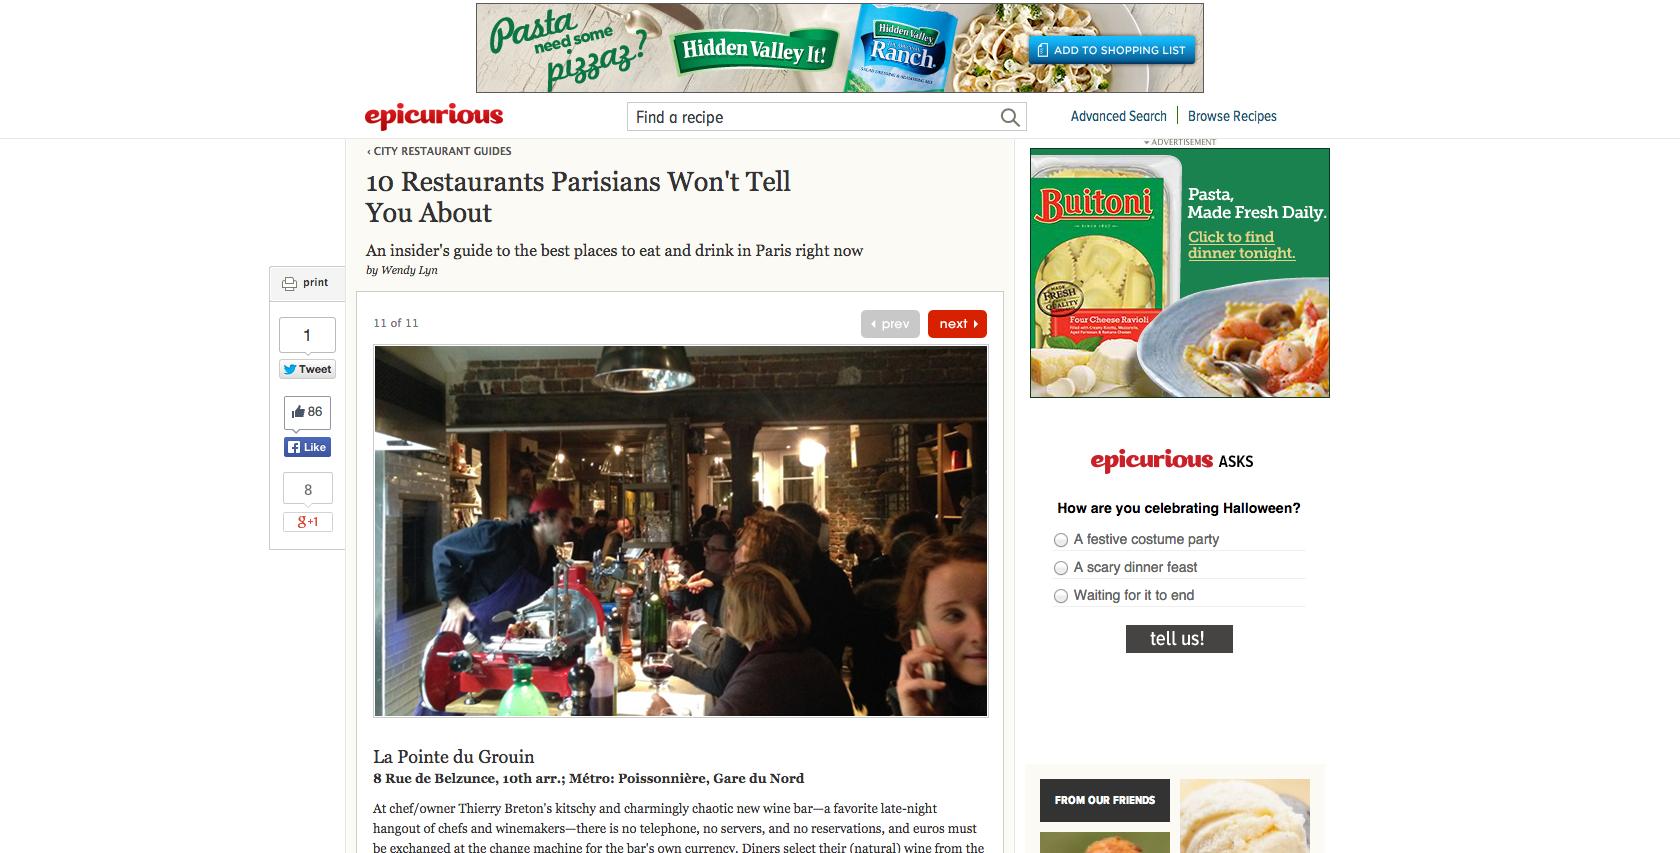 10 Restaurants Parisians Won t Tell You About   La Pointe du Grouin   Epicurious.com_2.png